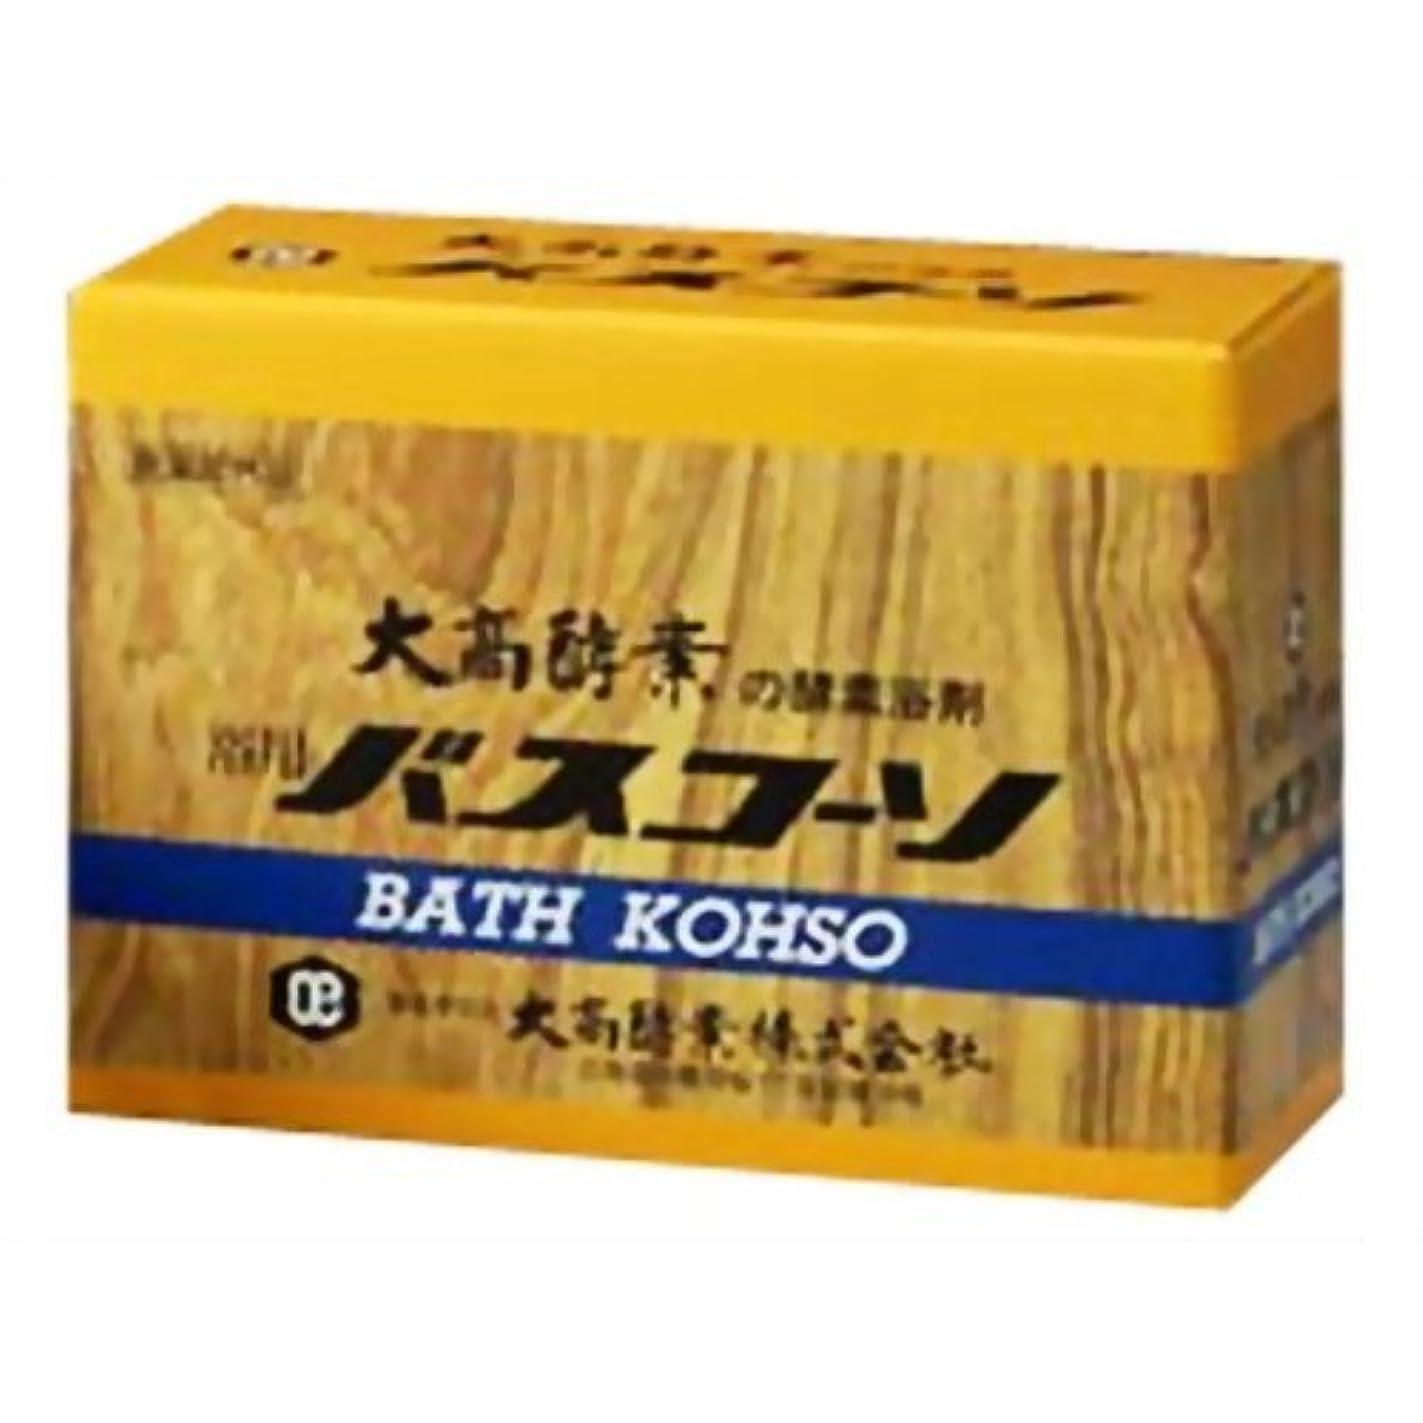 キラウエア山トーナメント提案する大高酵素 浴用バスコーソ 100gx6